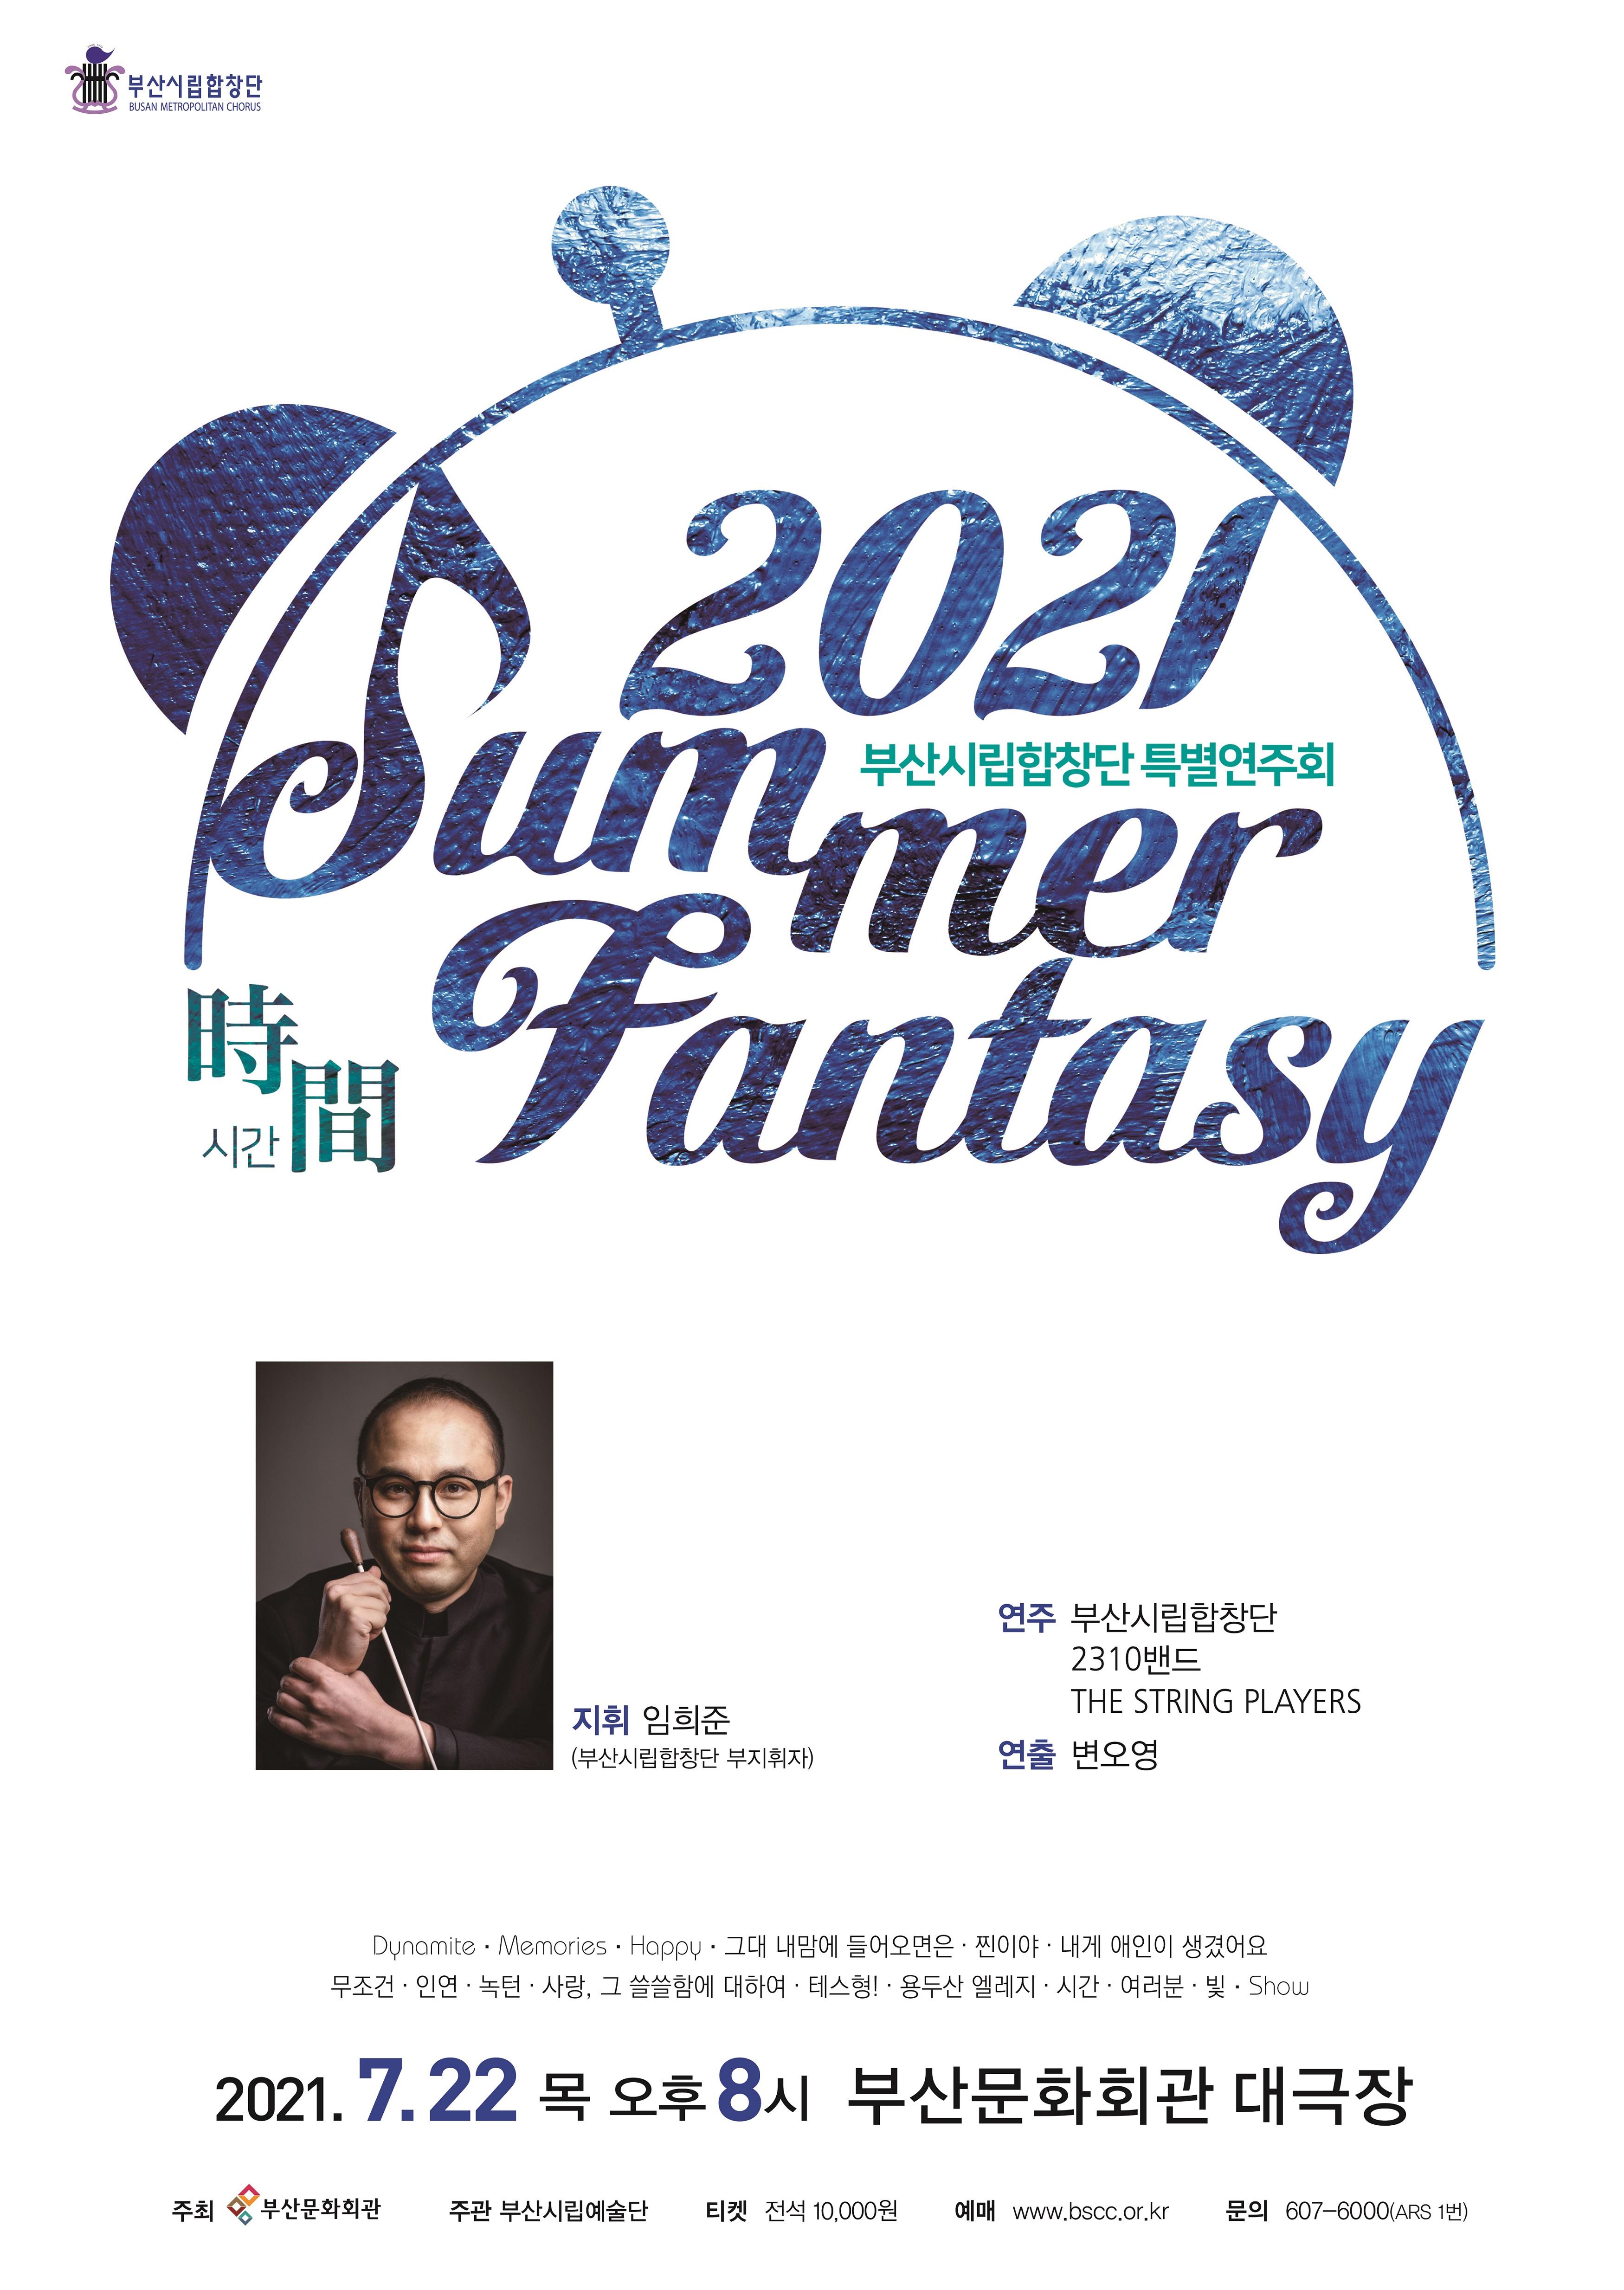 부산시립합창단 특별연주회 <2021 SUMMER FANTASY 시간(時間)>